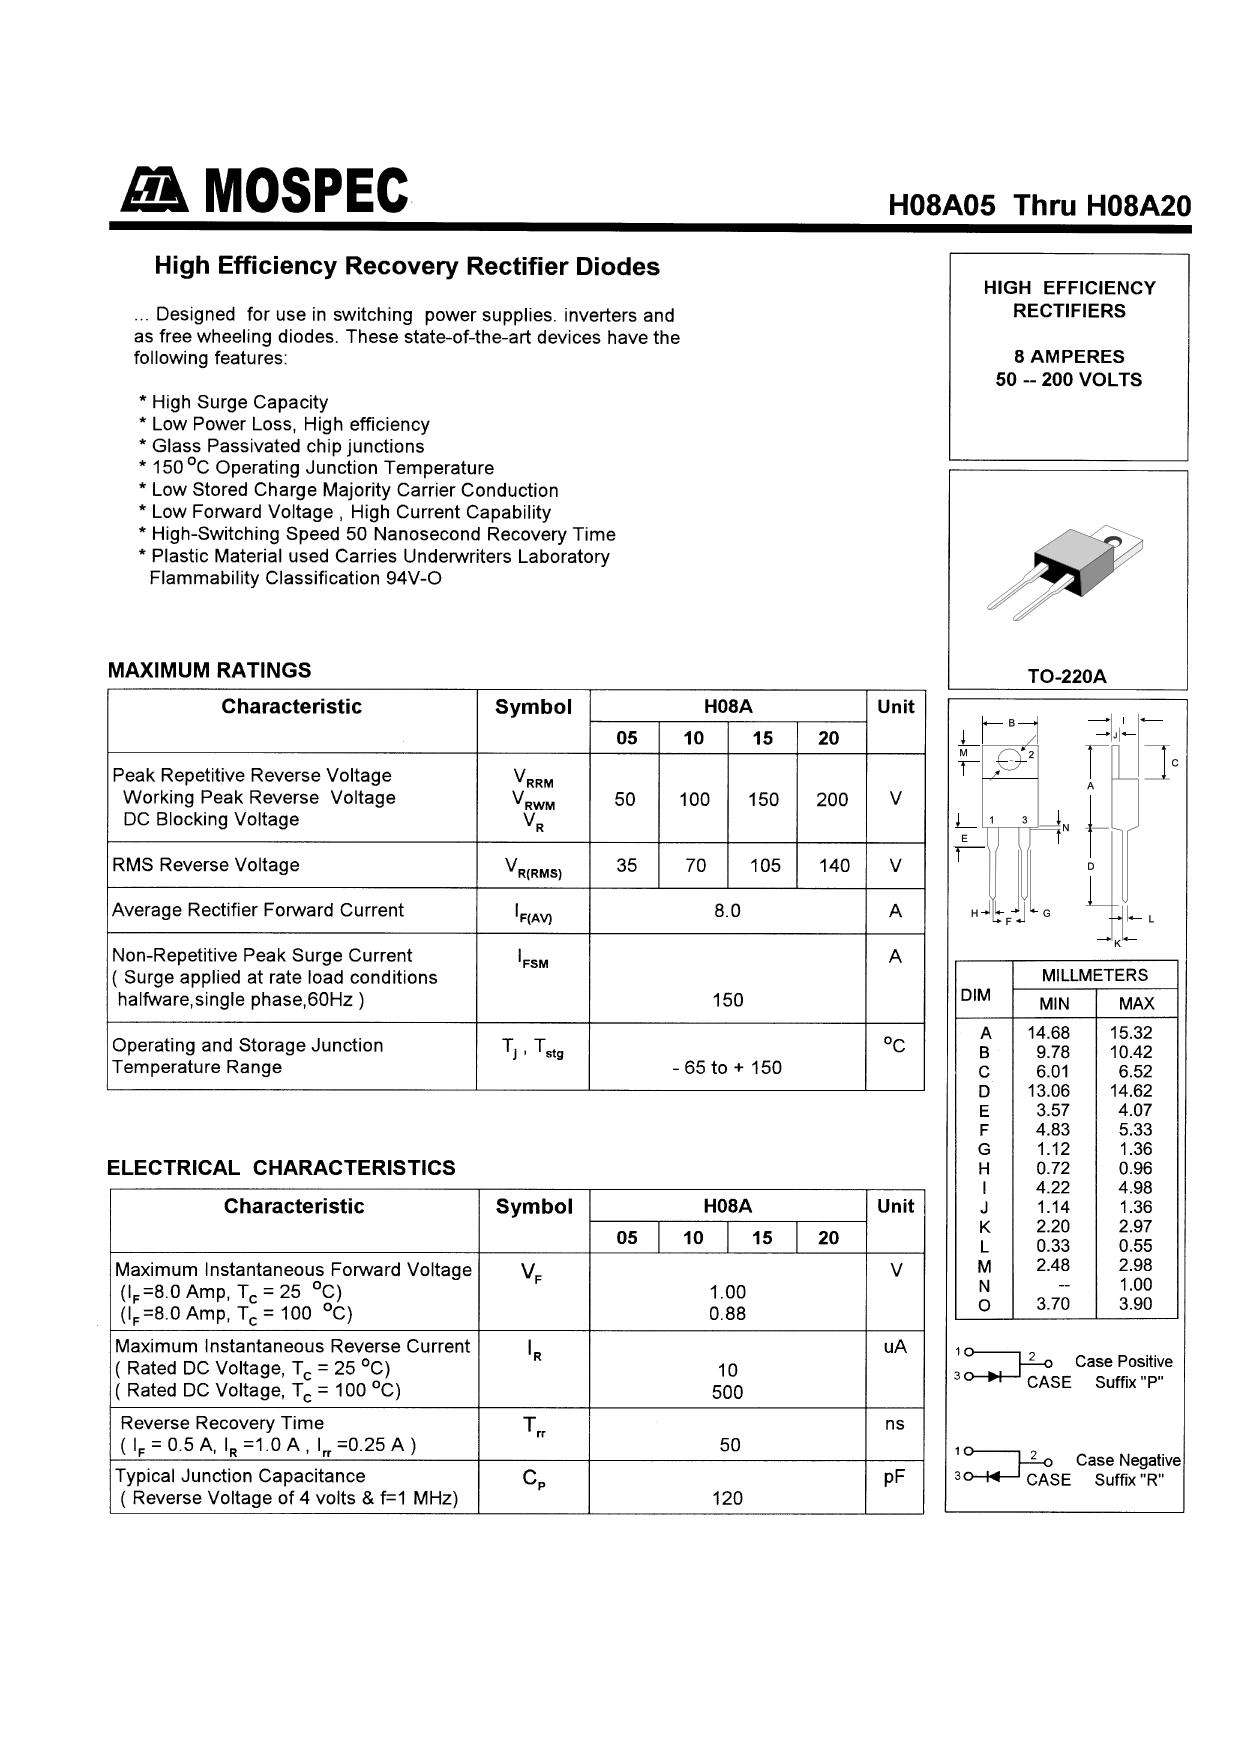 H08A20 Hoja de datos, Descripción, Manual